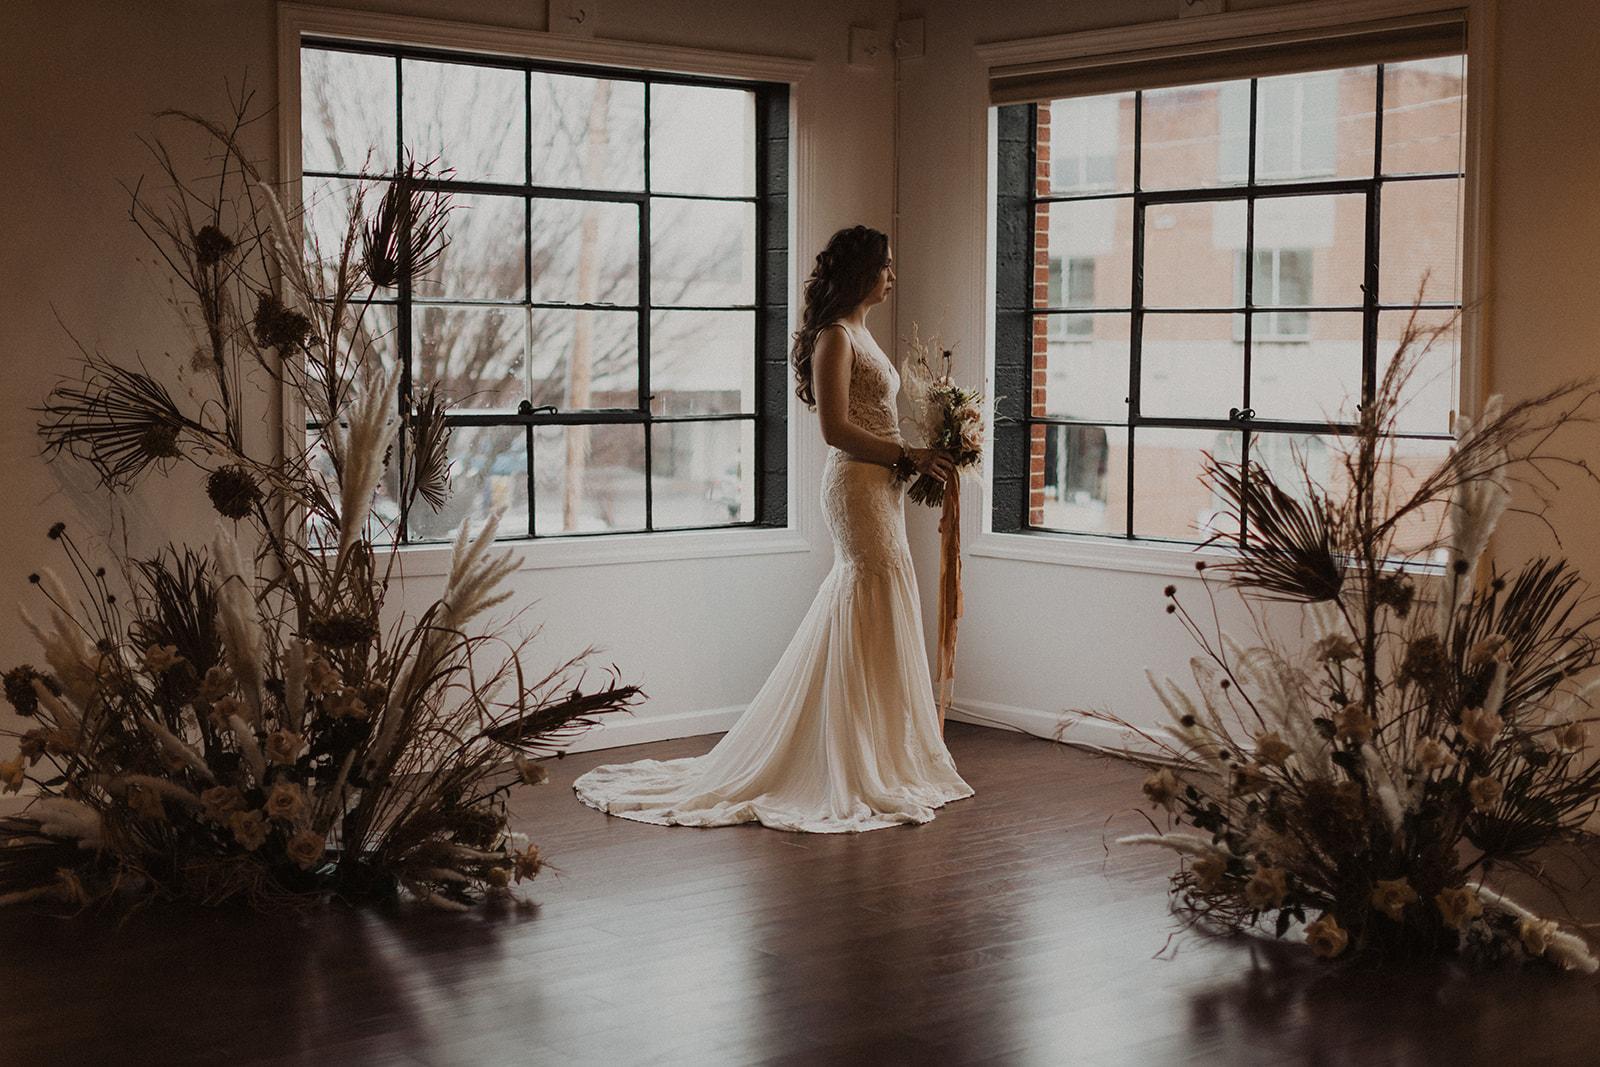 Organic Bride in Industrial Windows at Wedding Venue